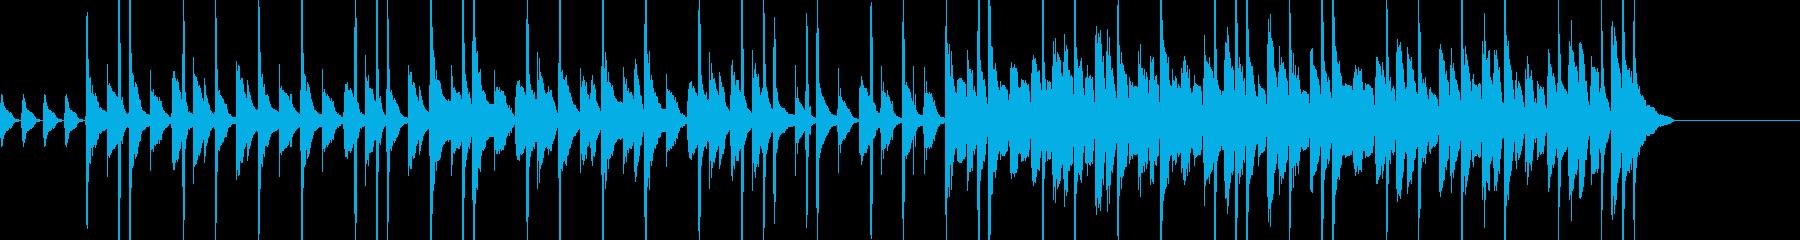 おしゃれで優しくポップな動画BGMの再生済みの波形